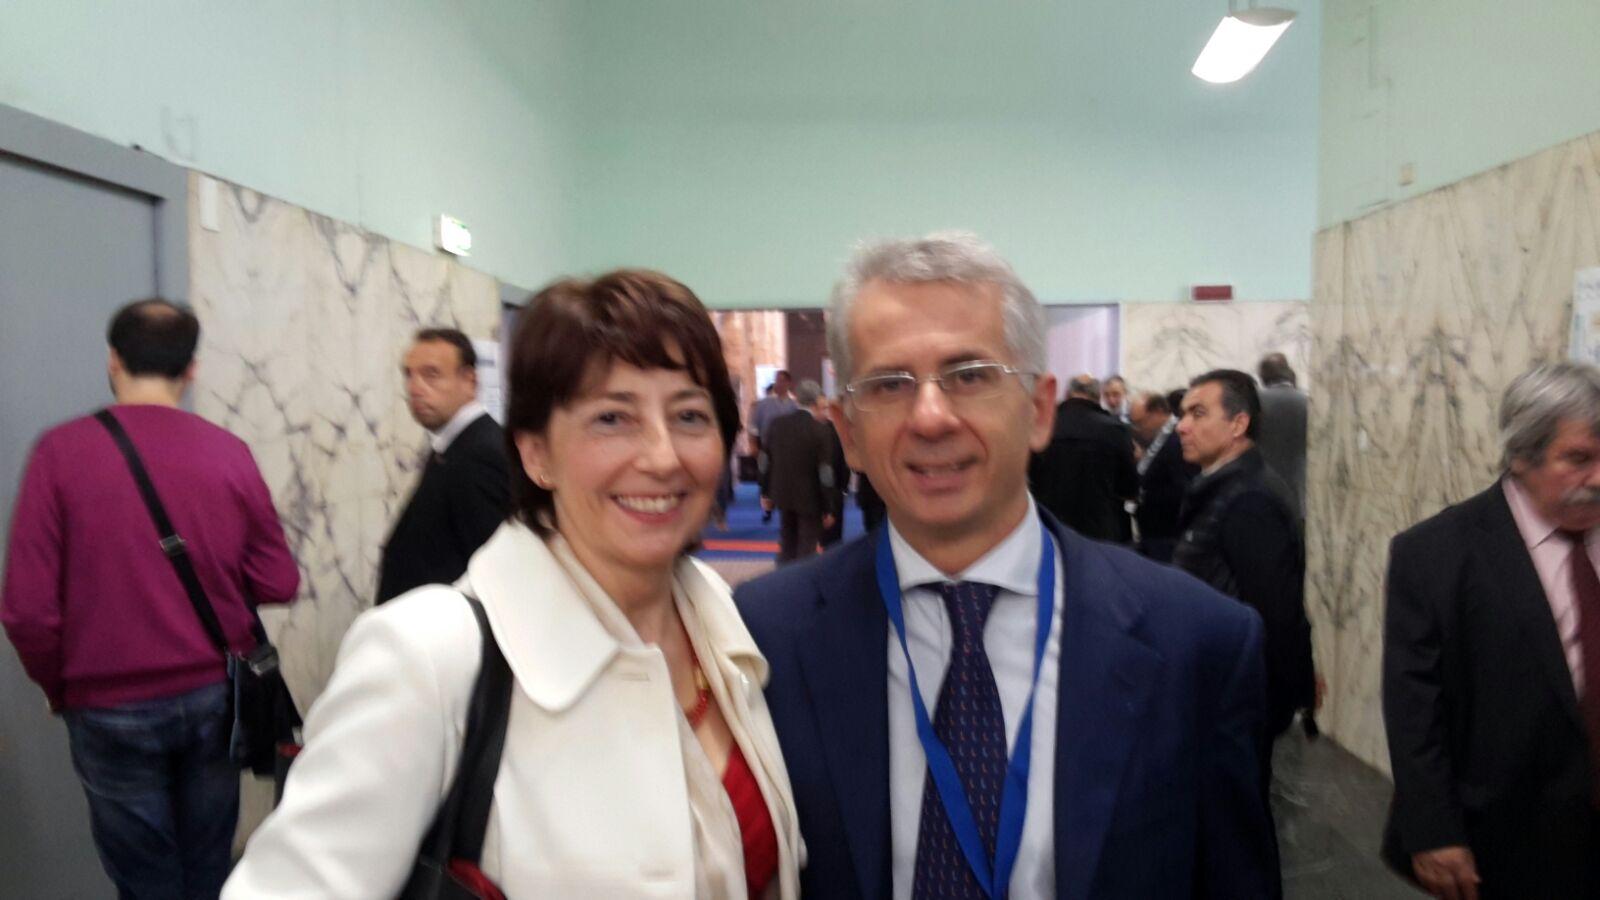 Il Sottosegretario alla Giustizia Ferri ed il Segretario Generale Assopetroli Assoenergia Gandolfo